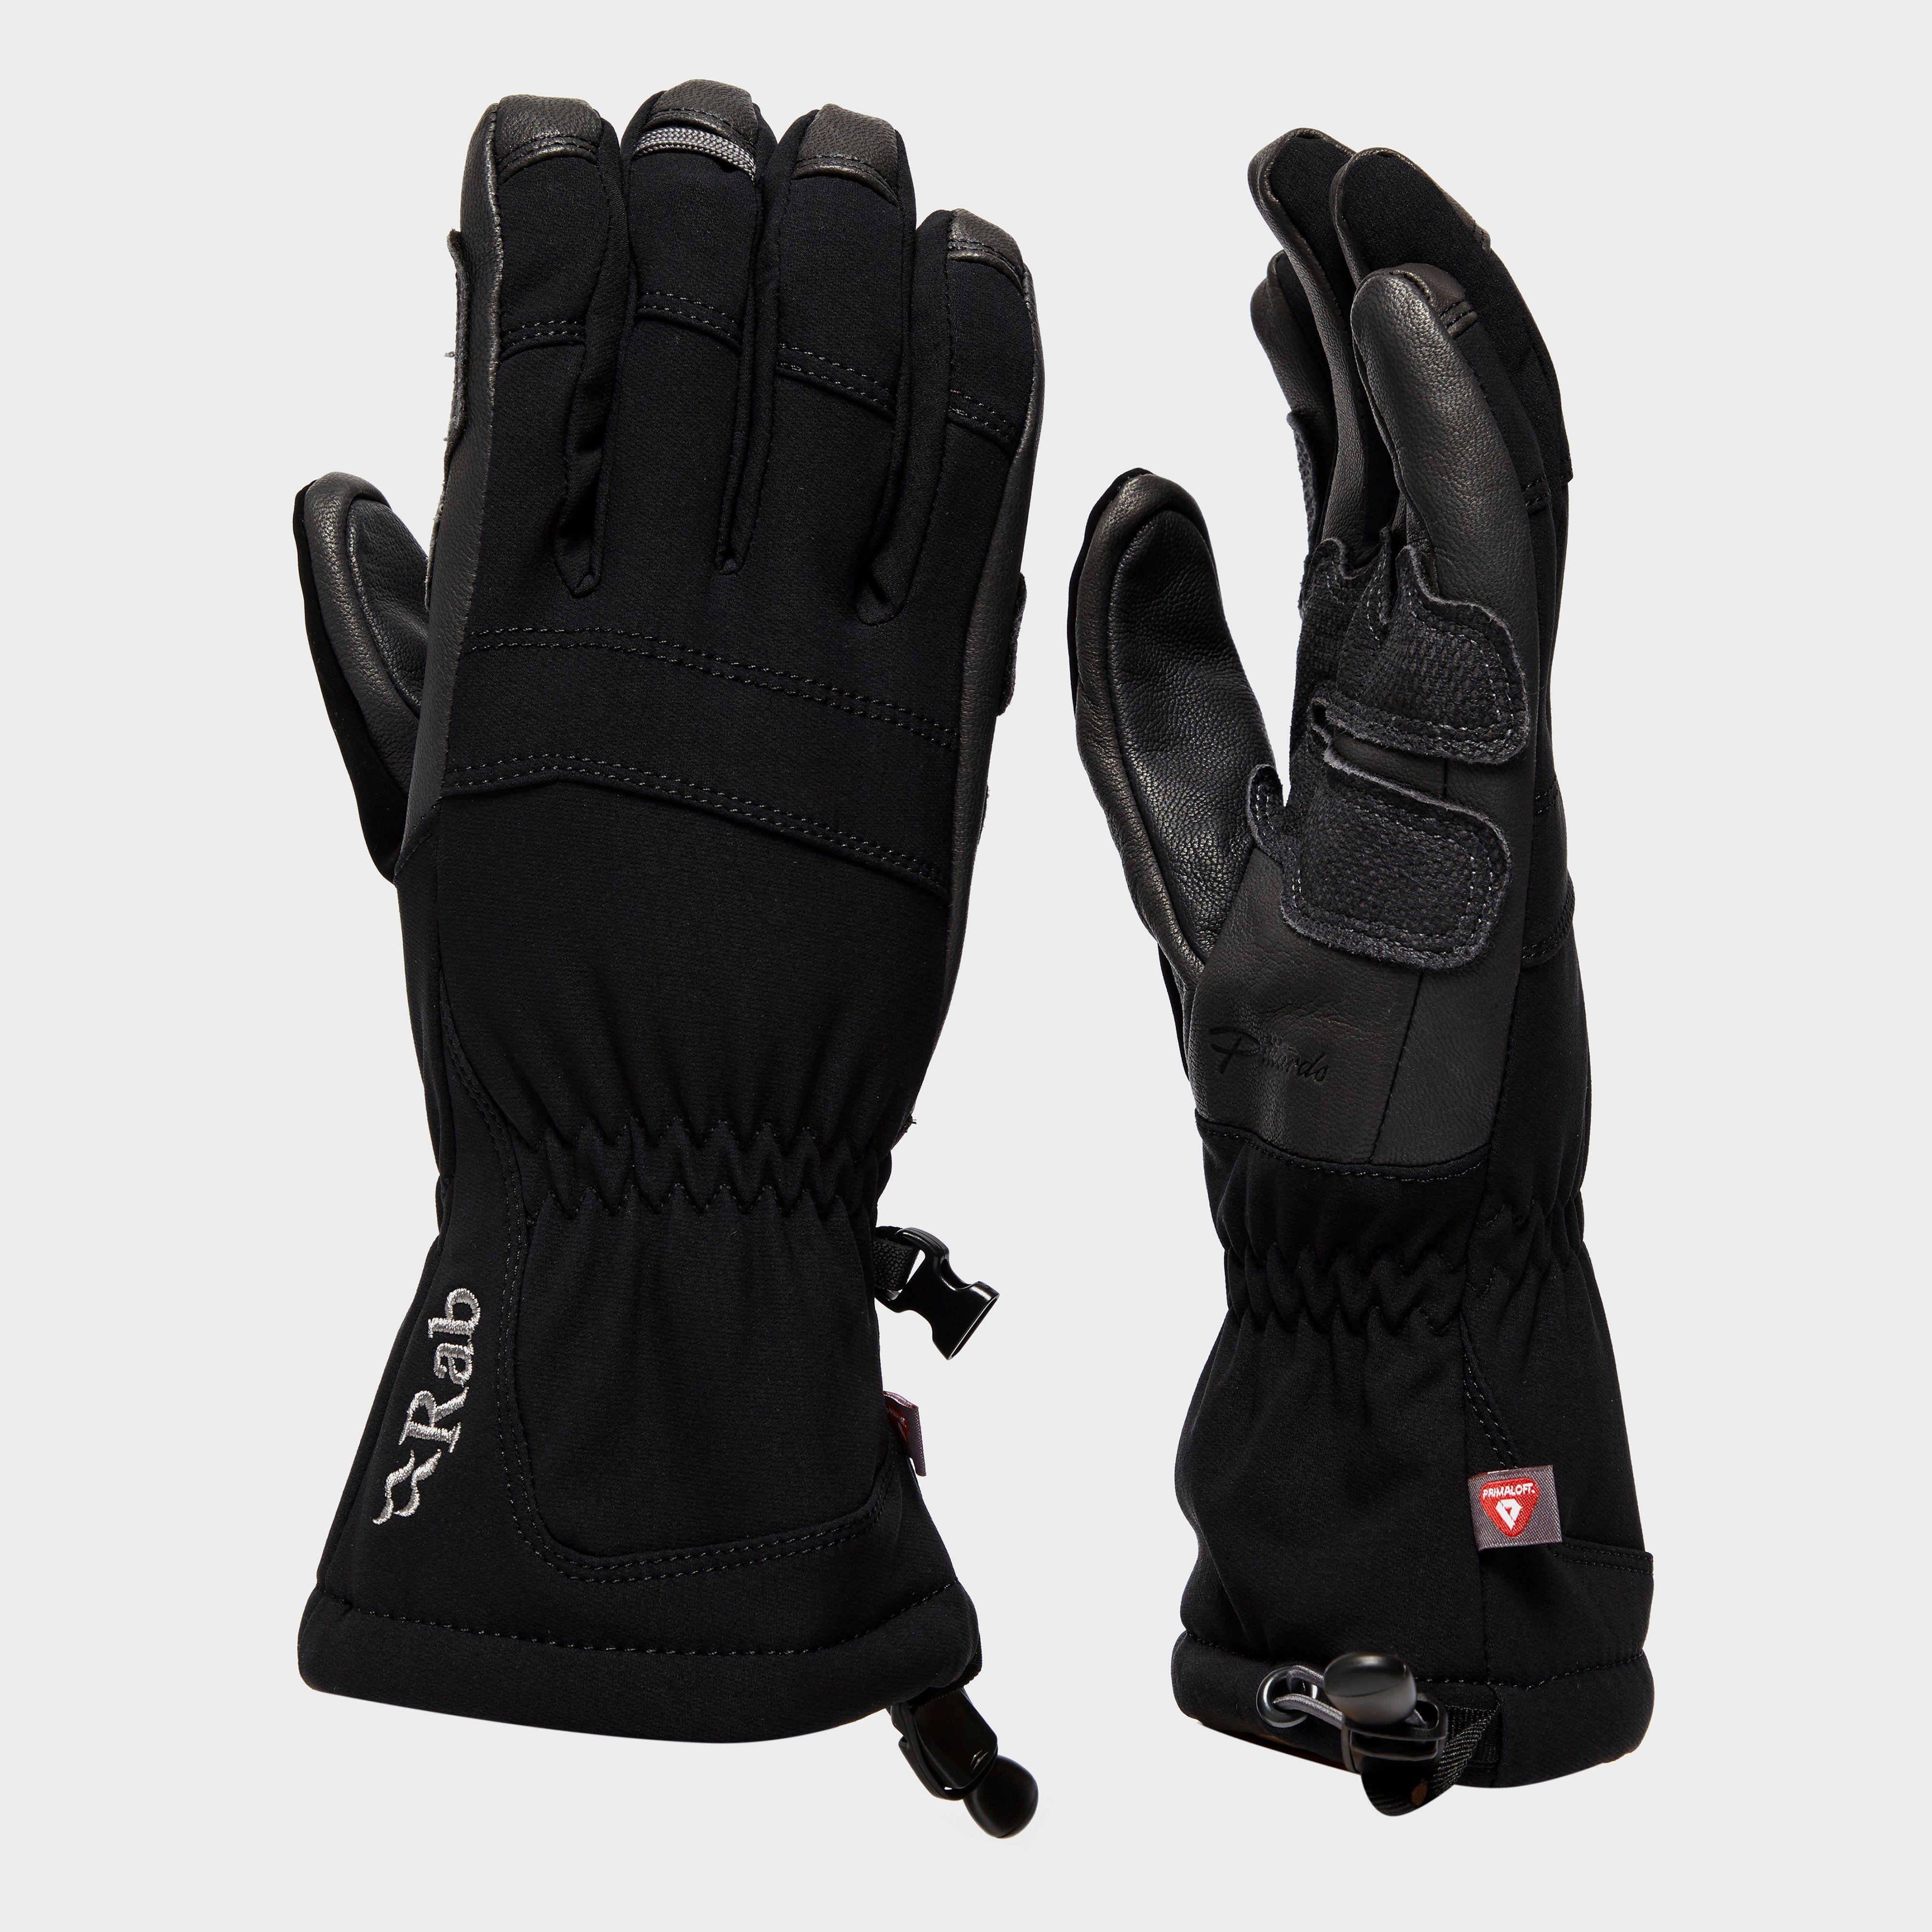 RAB Rab Baltoro Glove